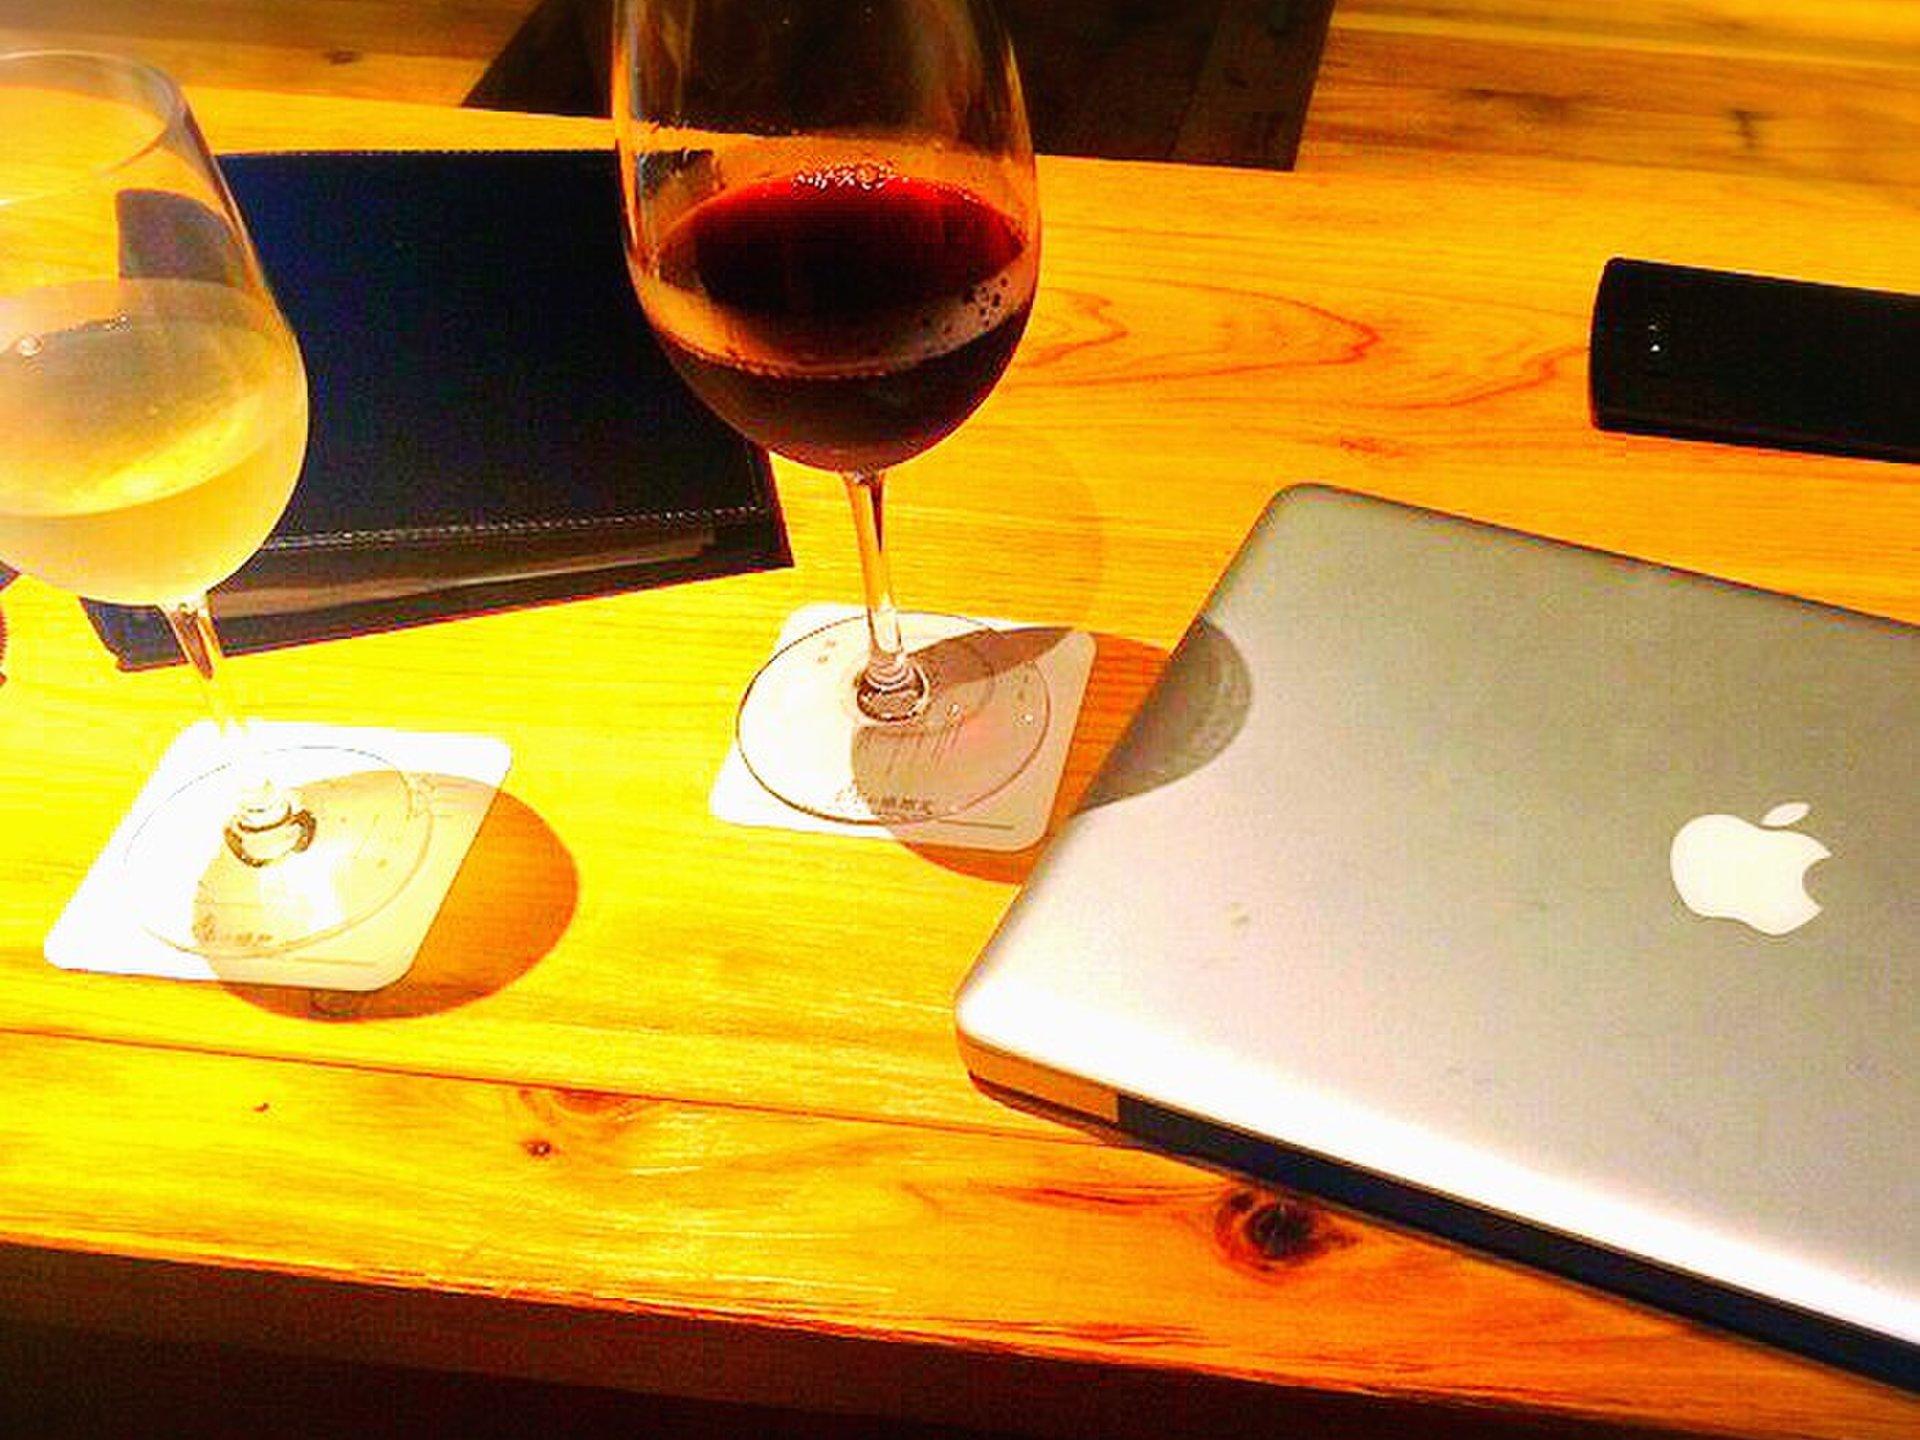 新宿のおすすめ夜カフェ5選♪デートや仕事終わりに使えるおしゃれカフェ特集